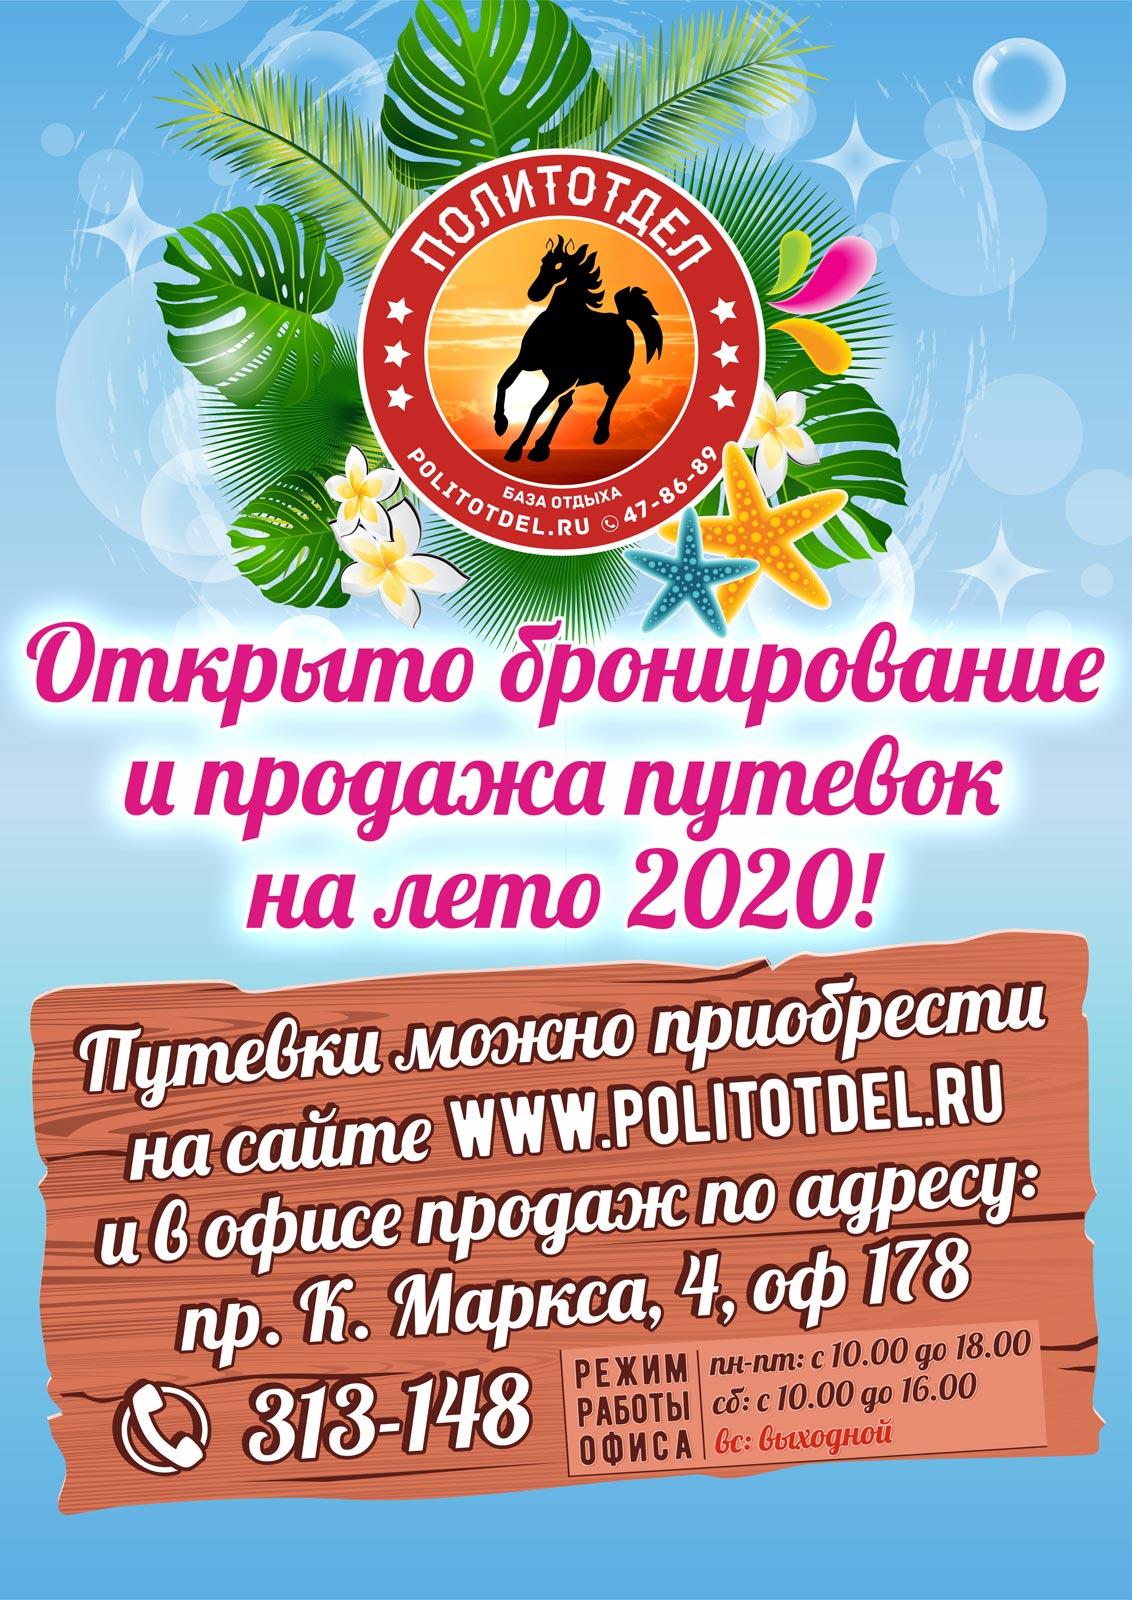 Bronirovanie-leto-2020_SAIT